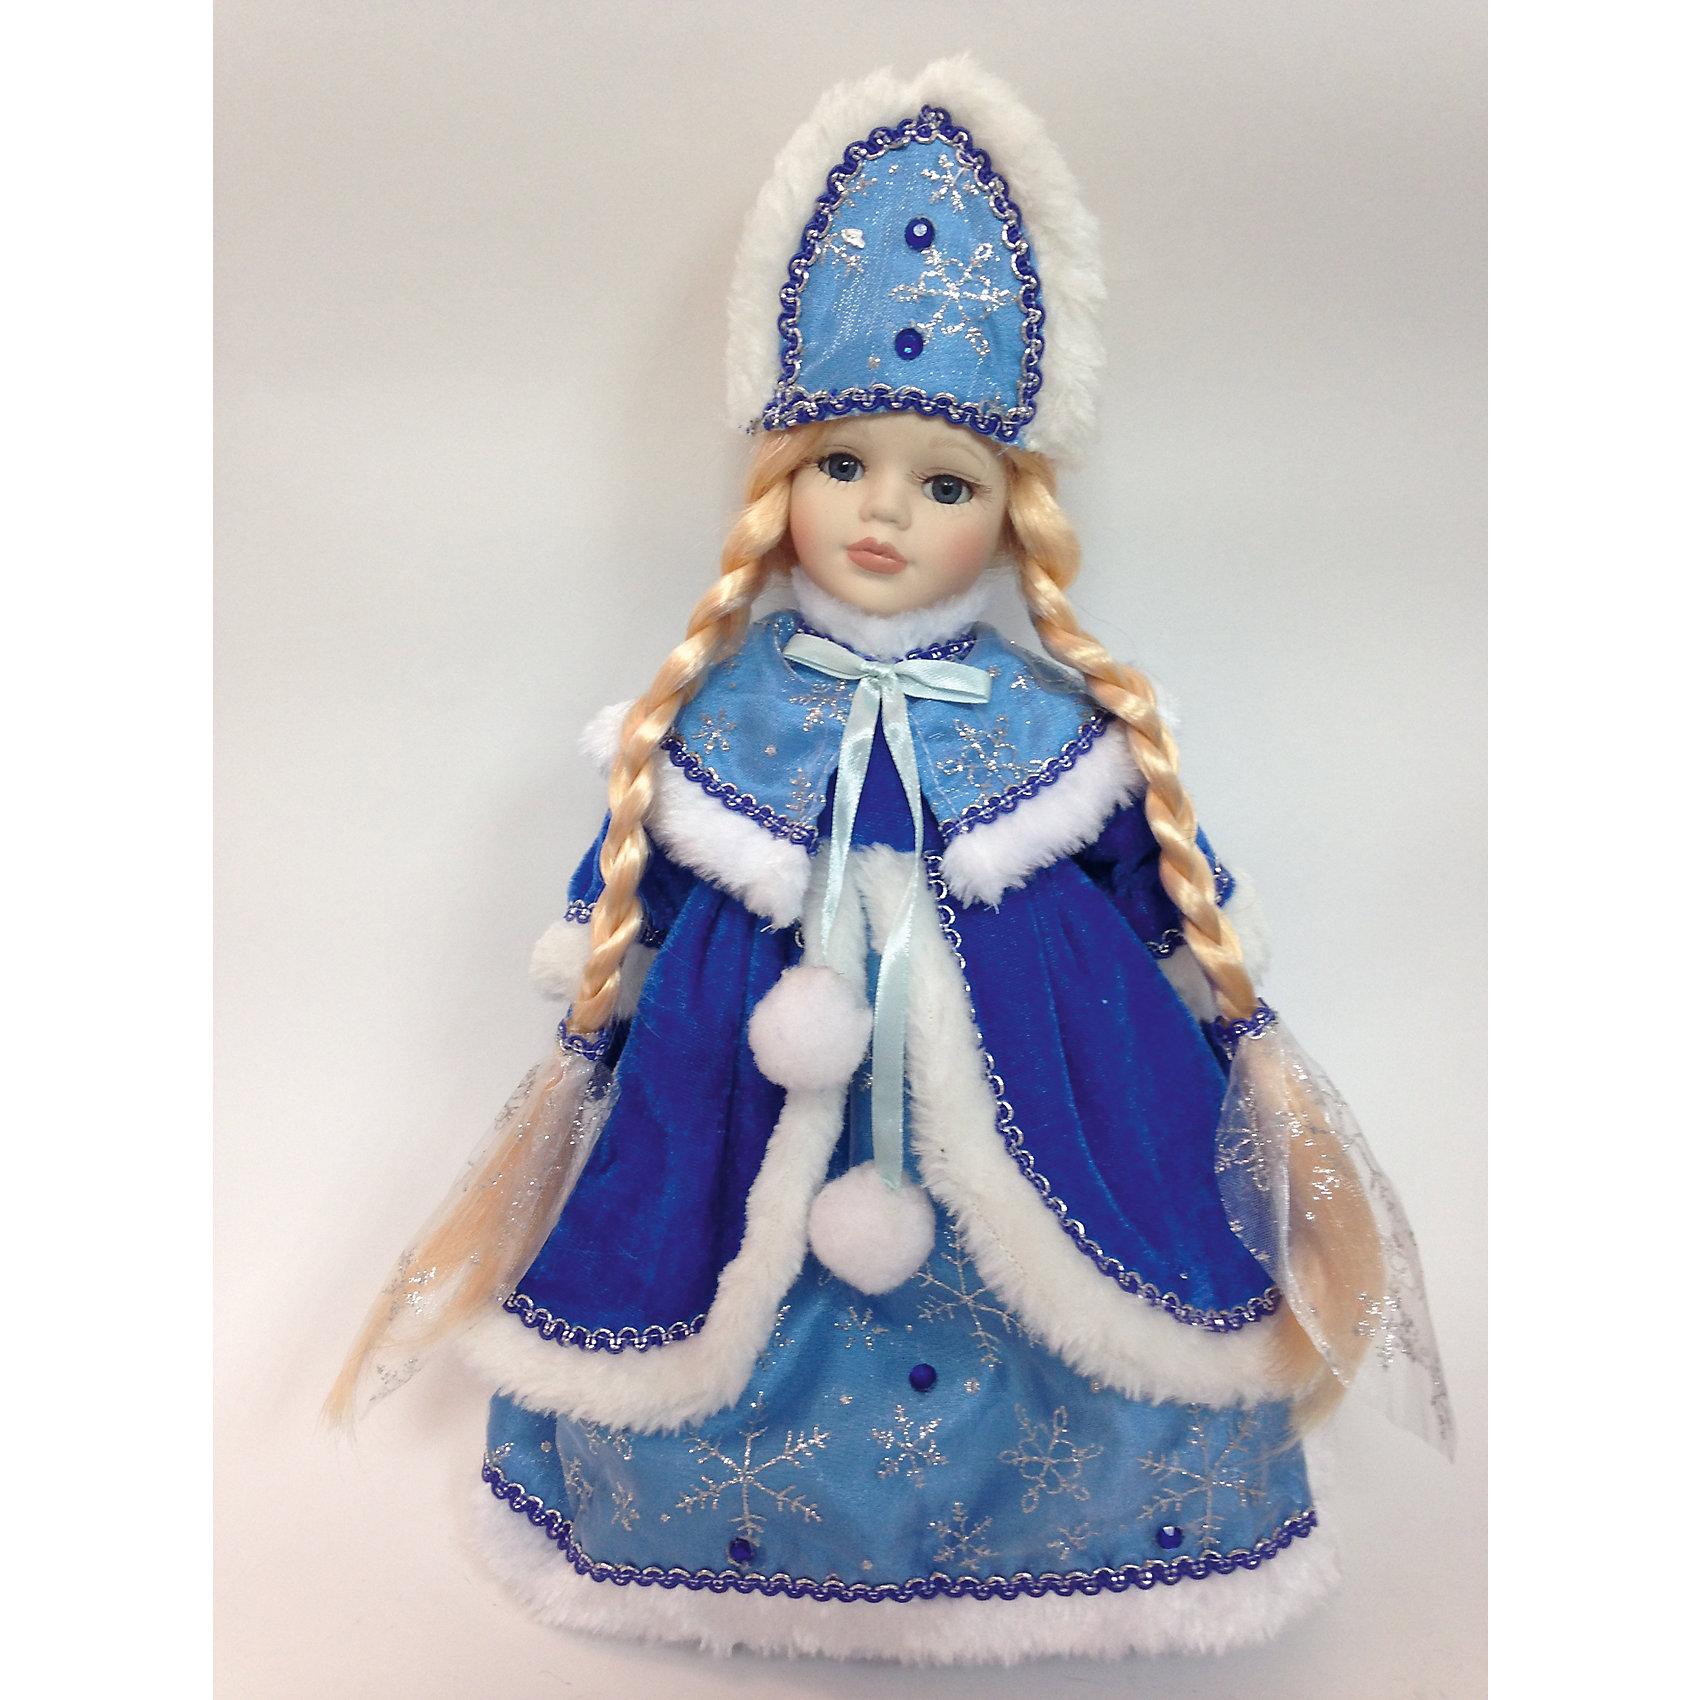 Декоративная кукла Снегурочка Мариша, (30см, на подставке)Кукла декор. арт.41685 Снегурочка Мариша, (30см, на подставке, тело мягкое набивное; голова, руки и ноги - керамические) / 30 арт.41685<br><br>Ширина мм: 380<br>Глубина мм: 140<br>Высота мм: 90<br>Вес г: 600<br>Возраст от месяцев: 60<br>Возраст до месяцев: 600<br>Пол: Унисекс<br>Возраст: Детский<br>SKU: 5144553